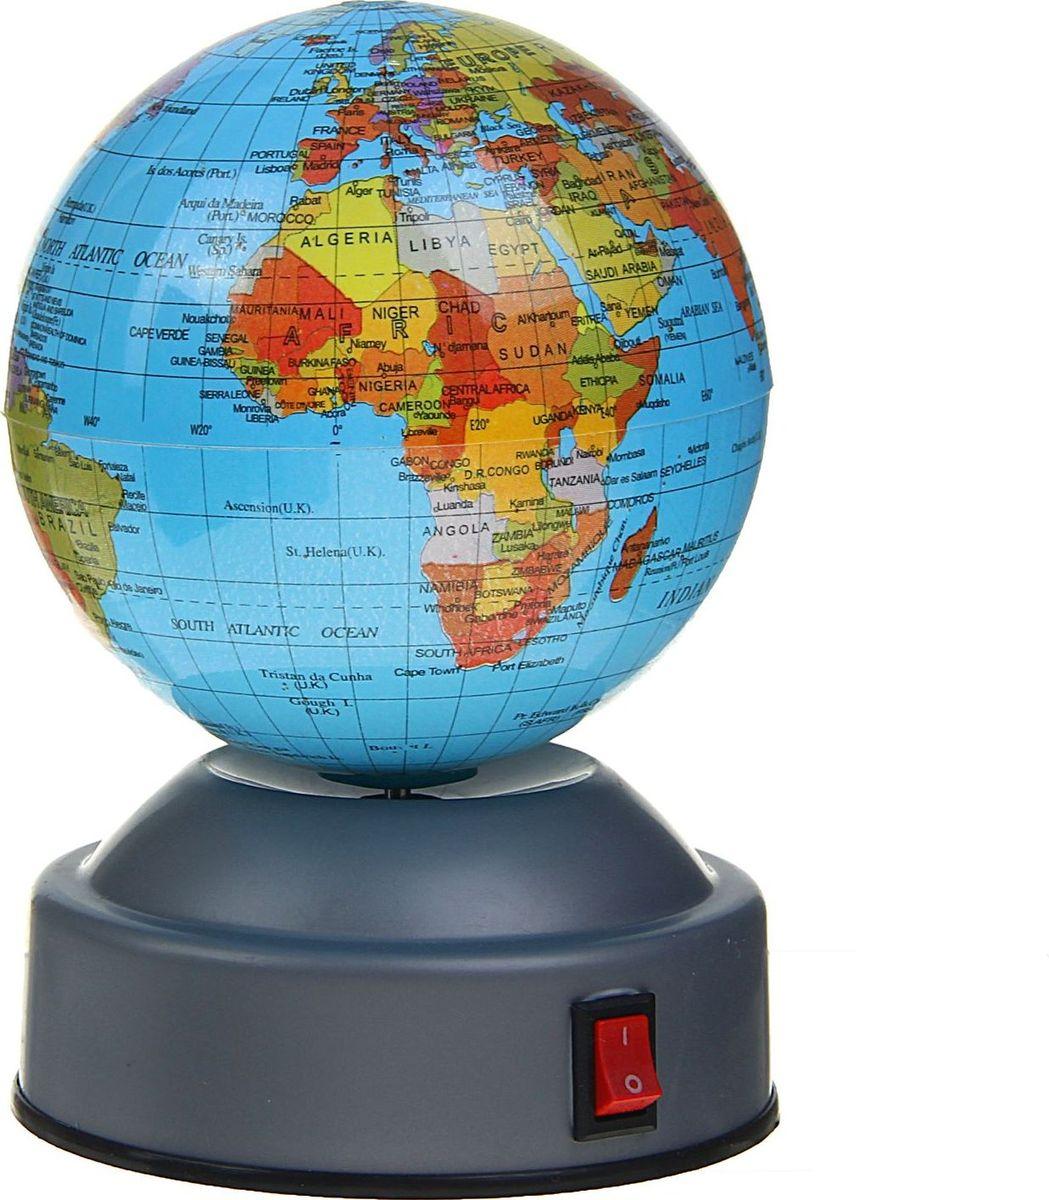 Глобус Политическая карта на английском языке диаметр 8 см